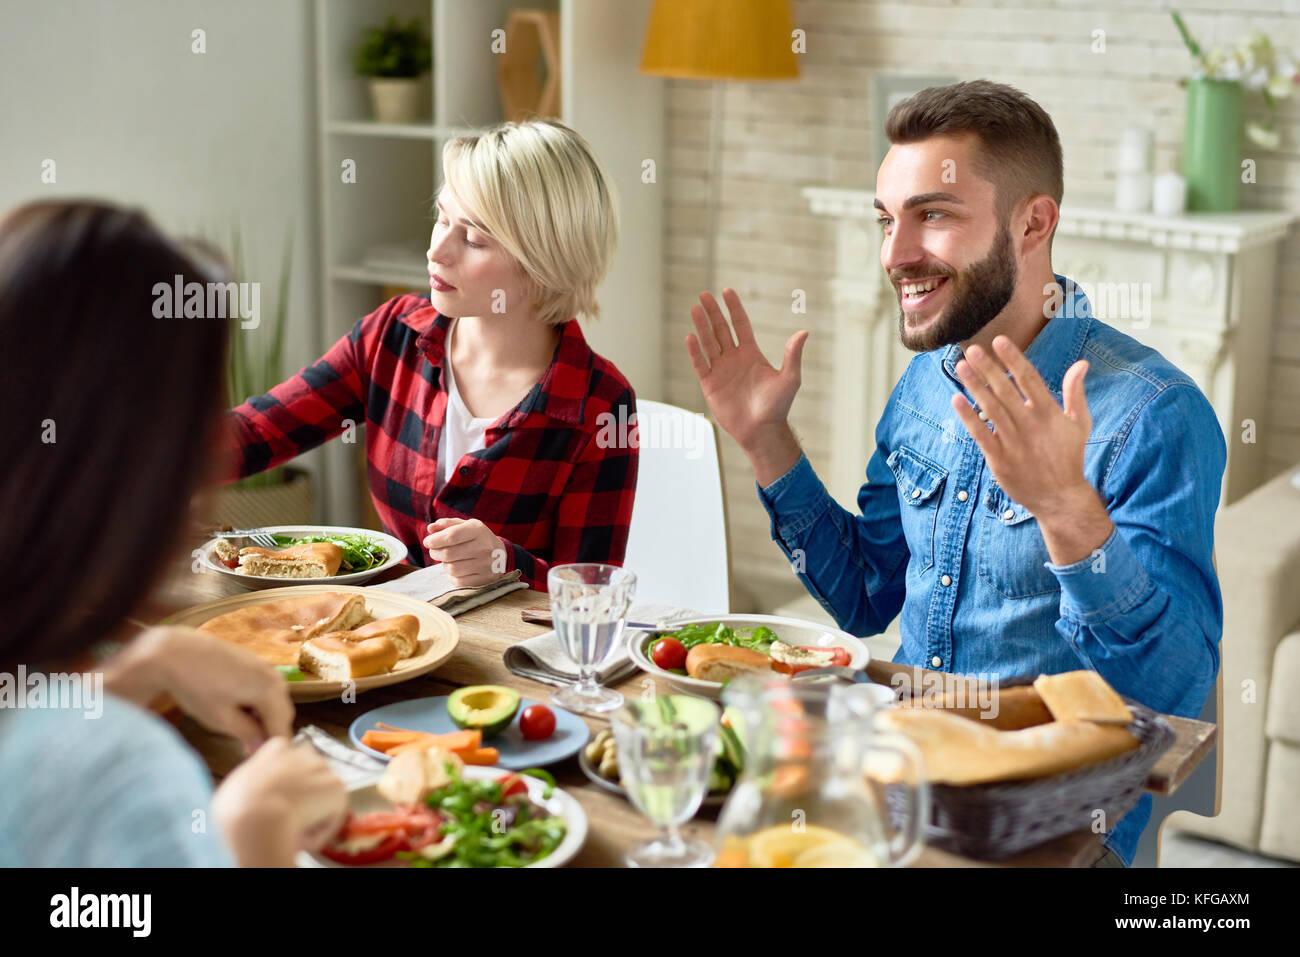 Uomo felice raccontare storie al tavolo per la cena Immagini Stock